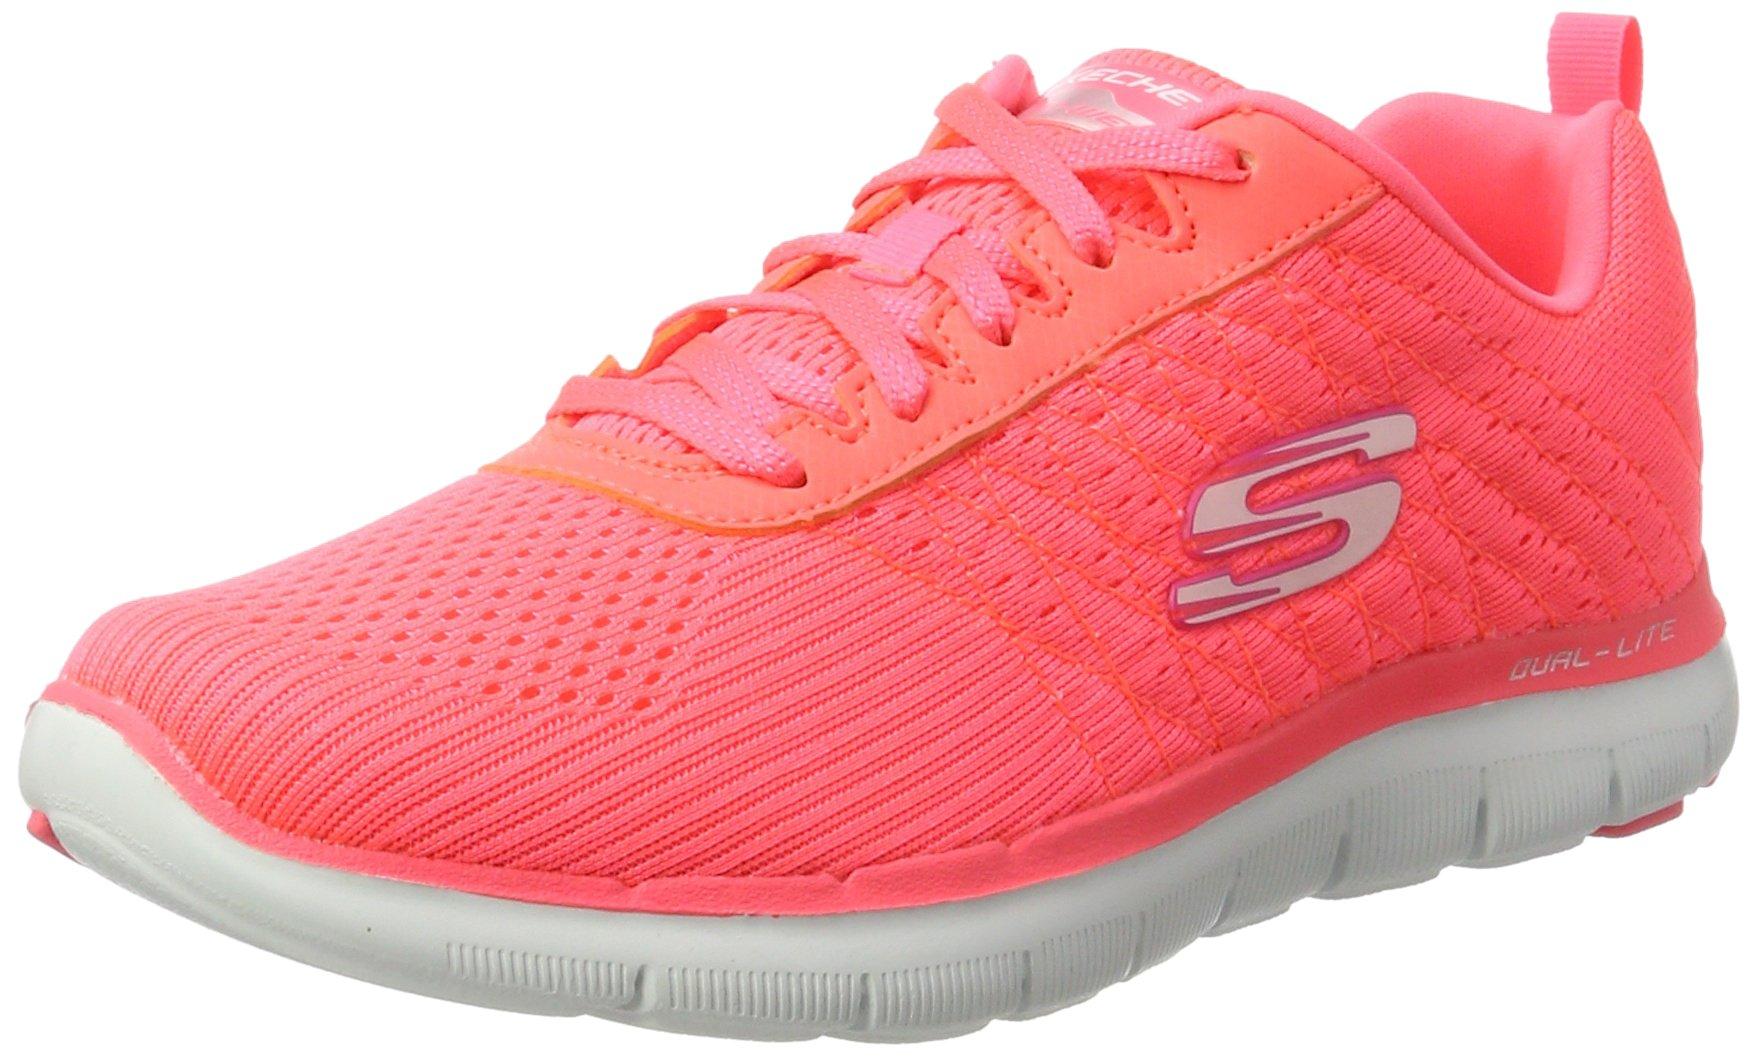 b9fda2976244 Galleon - Skechers Women s Flex Appeal 2.0 Break Free Multisport Outdoor  Shoes